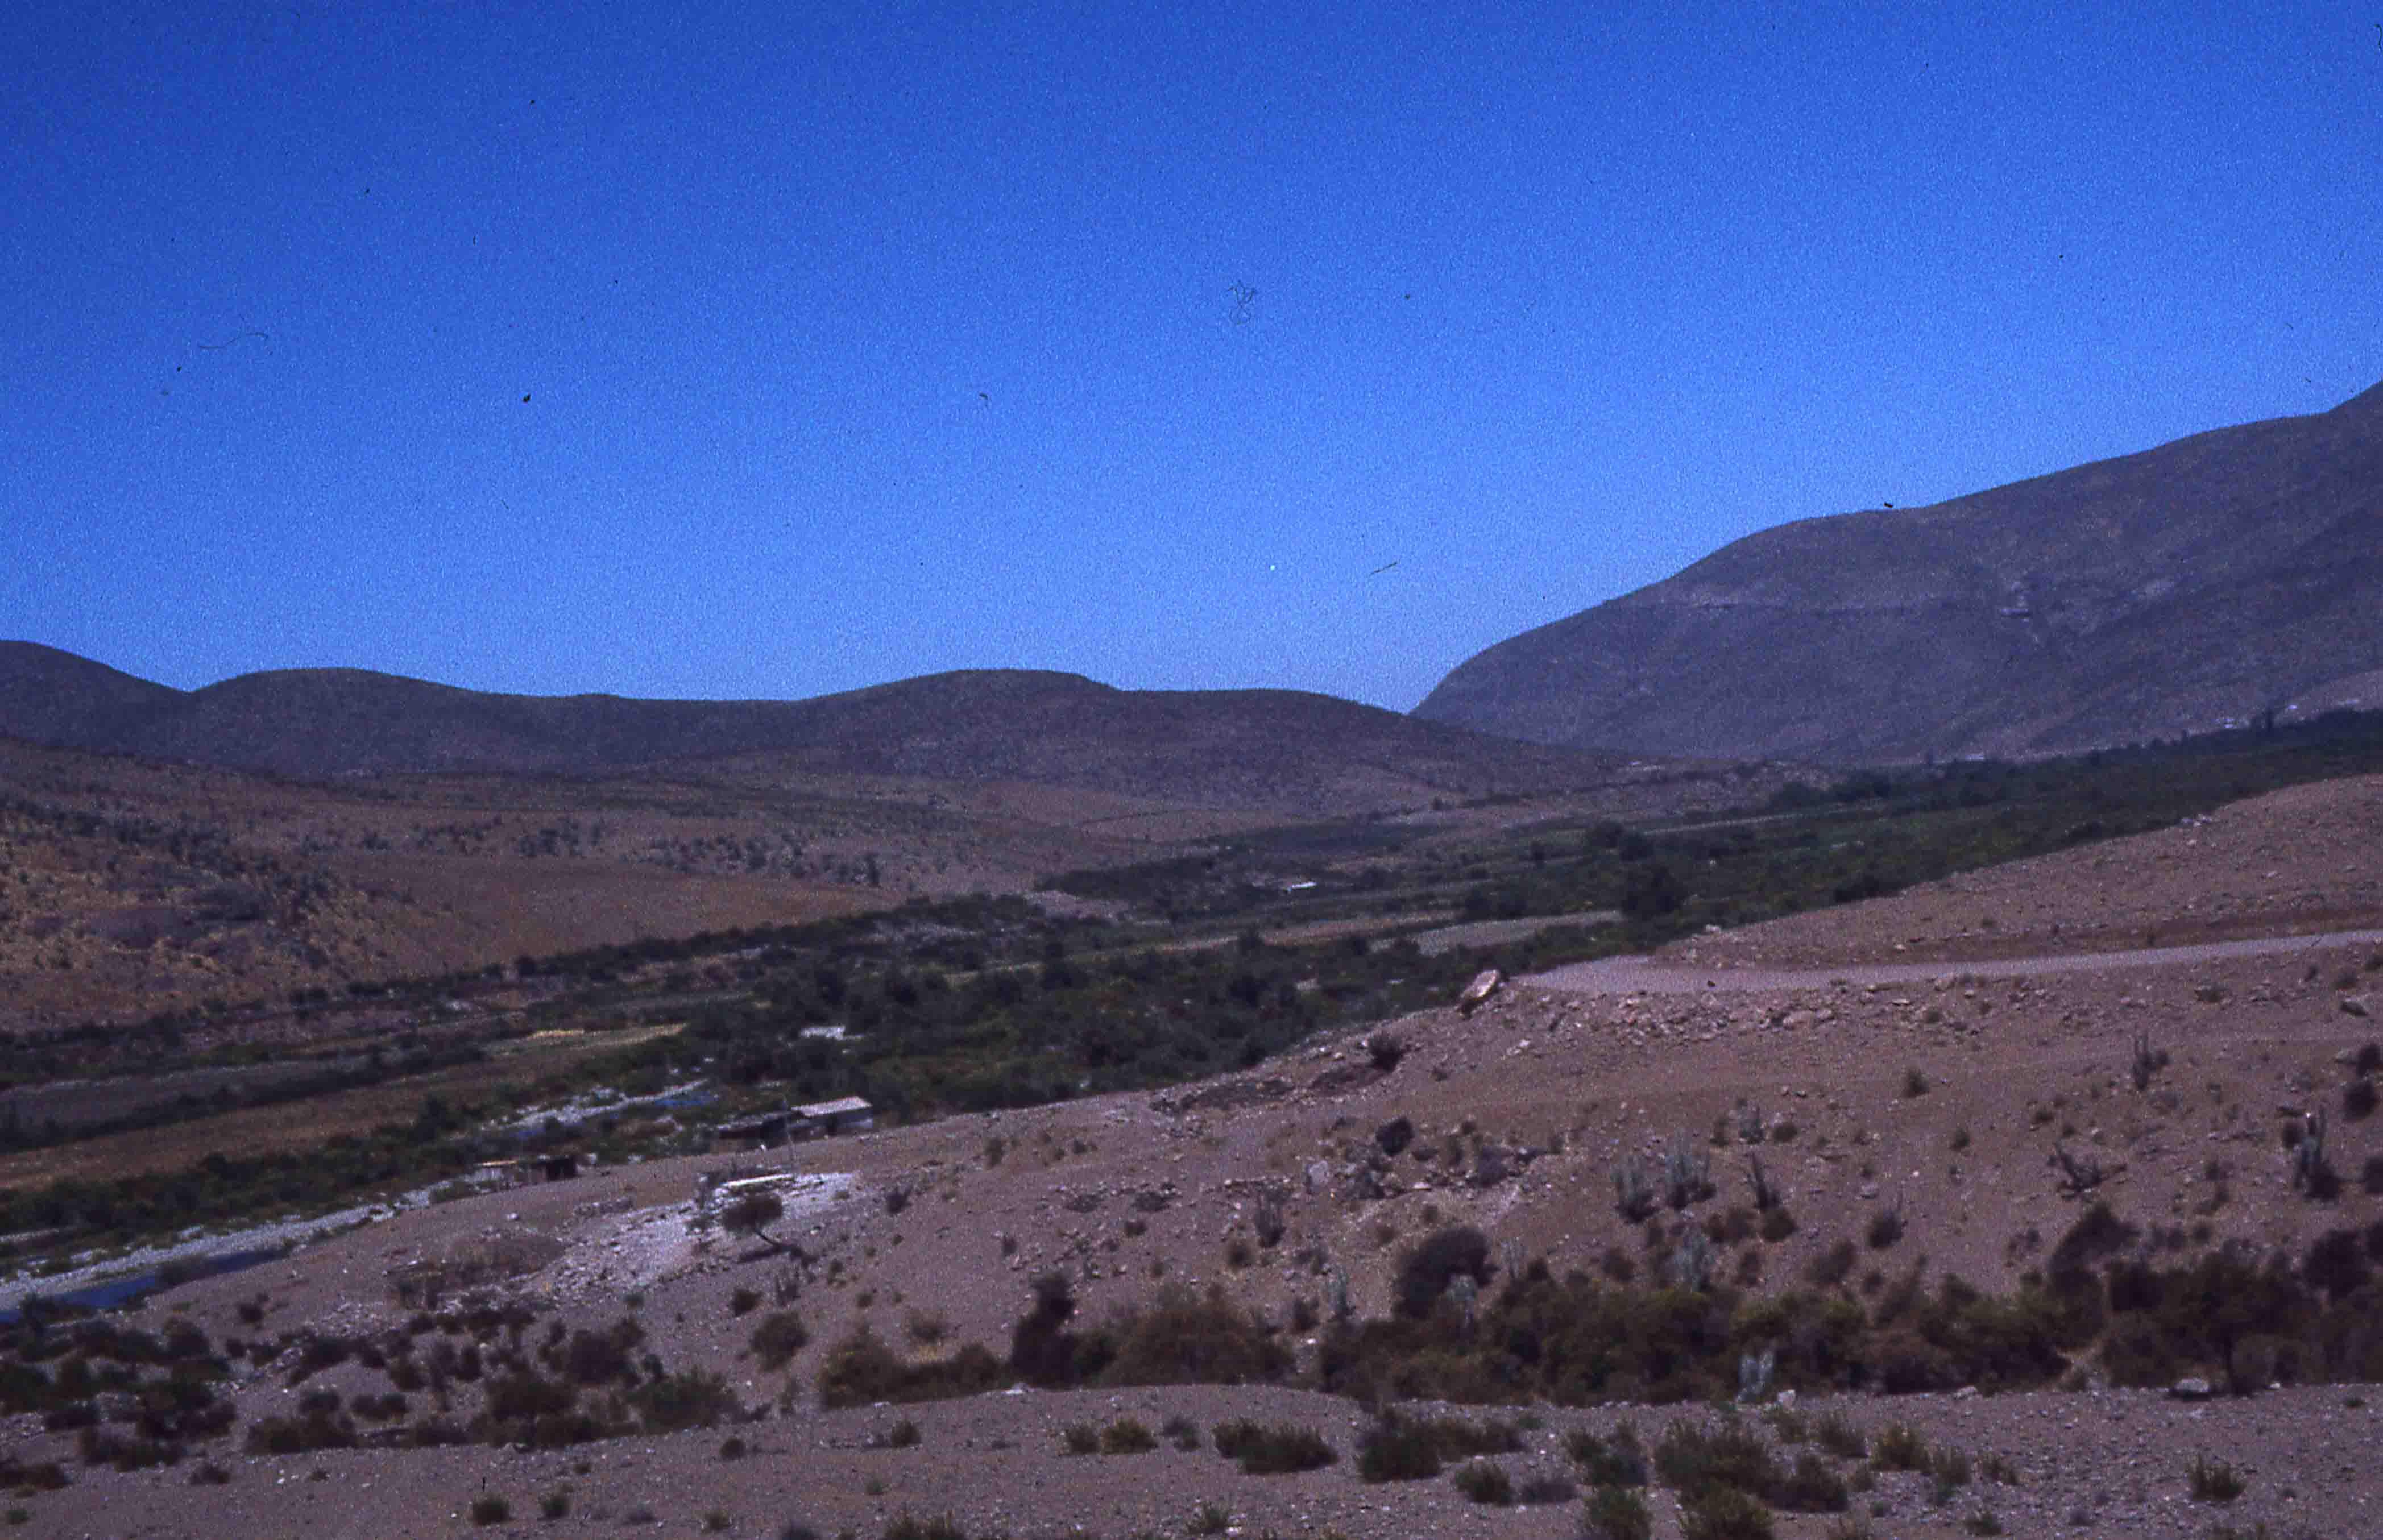 Enterreno - Fotos históricas de chile - fotos antiguas de Chile - Pichasca en los años 70s